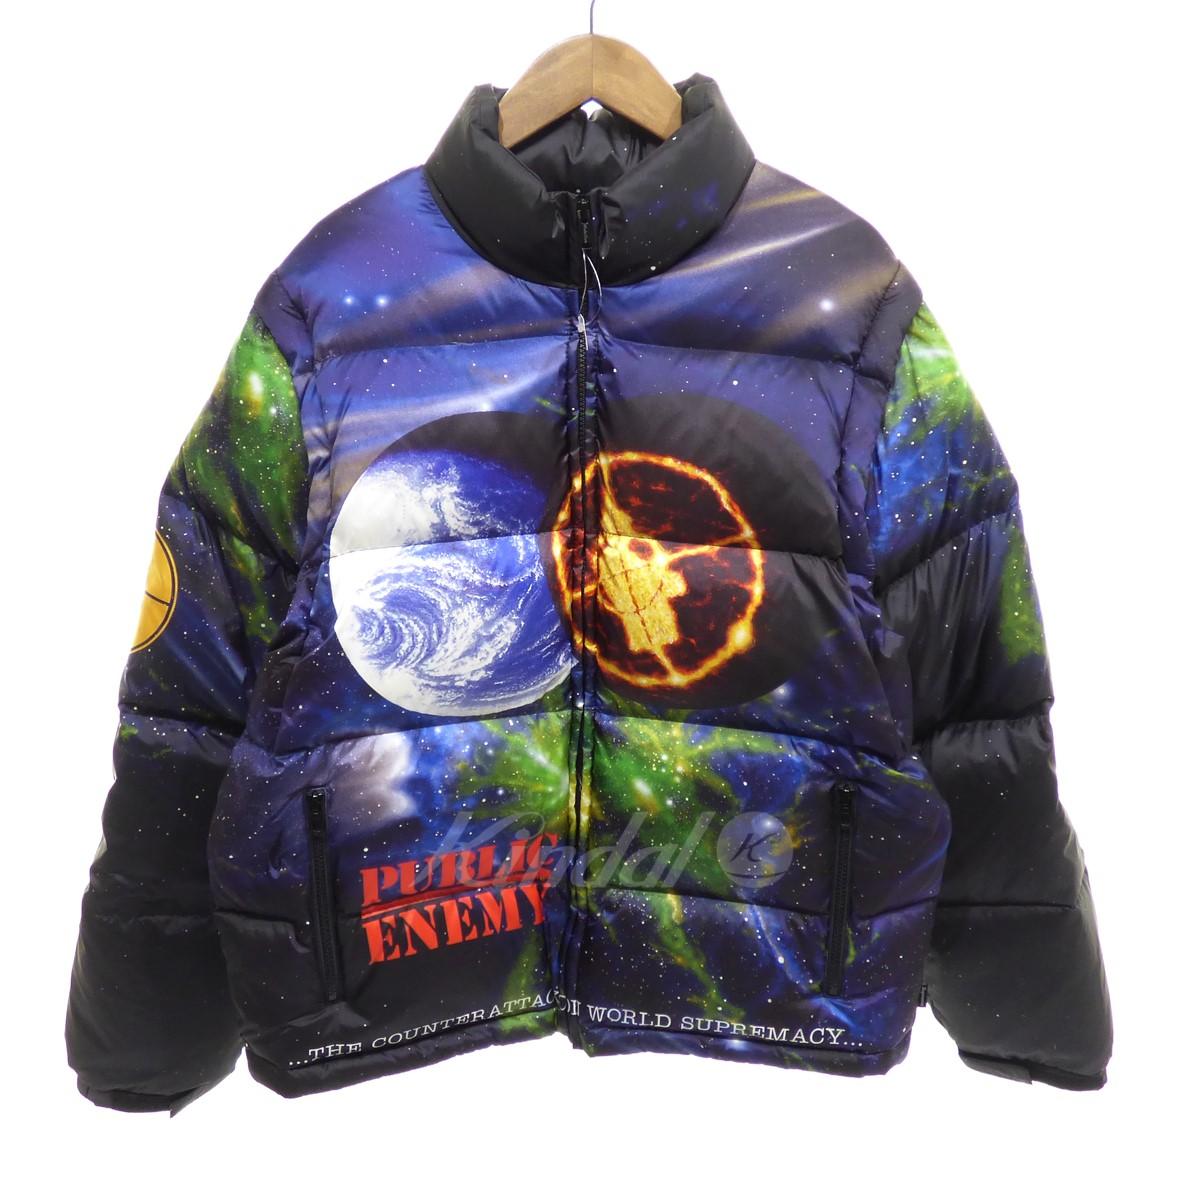 【中古】Supreme×UNDER COVER 【2018S/S】Public Enemy Puffy Jacket ダウンブルゾン 【送料無料】 【089756】 【KIND1550】